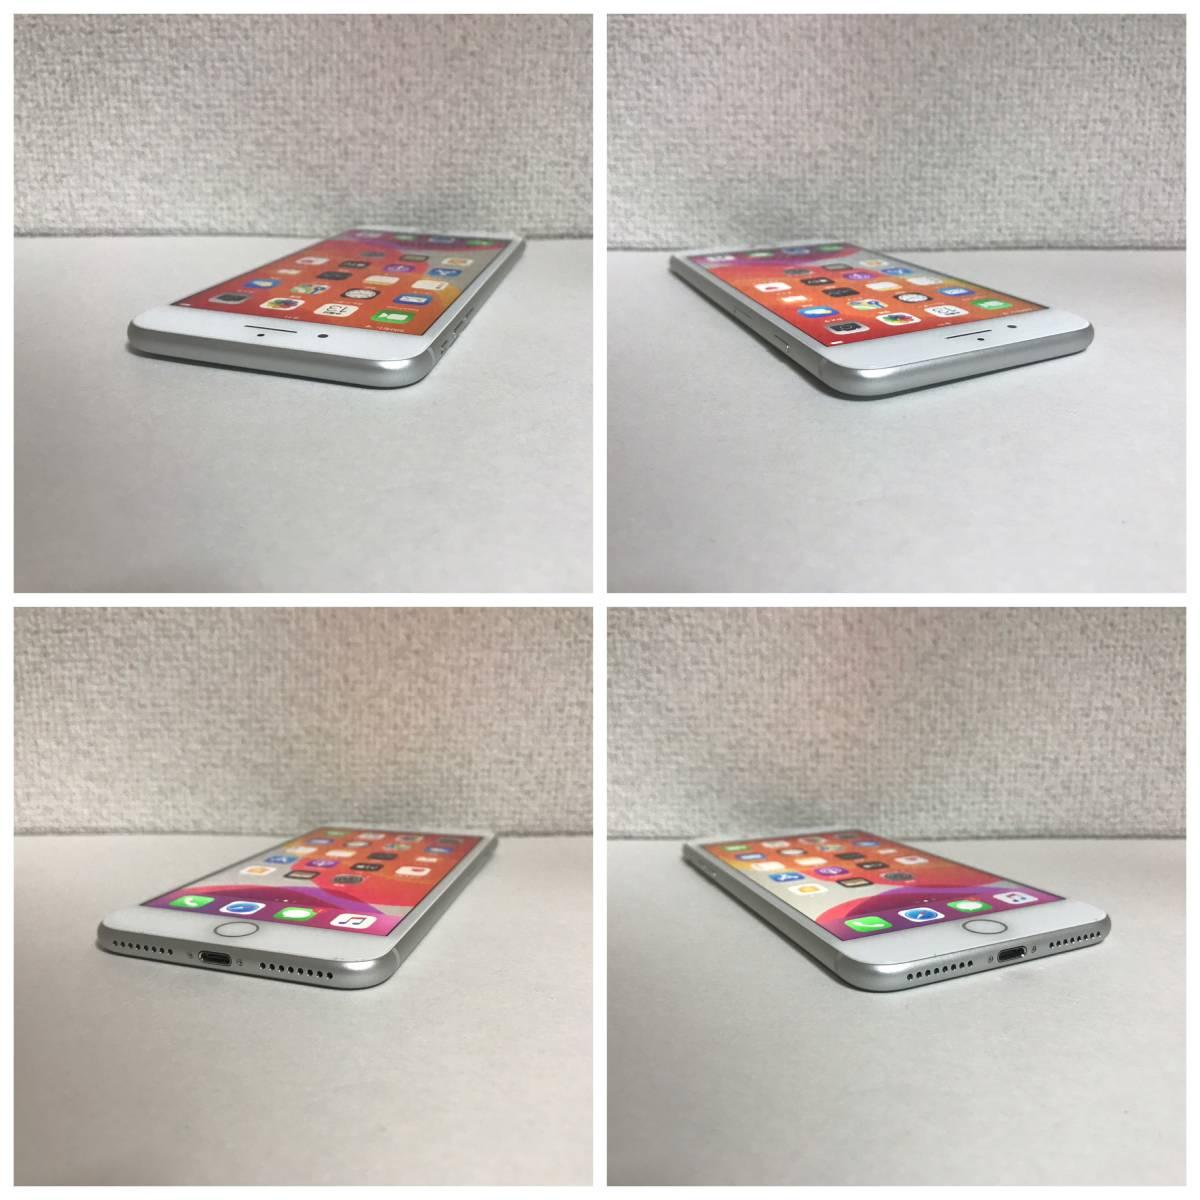 【電池良好】 SIMフリー iPhone8 Plus 256GB Silver iPhone8プラス_画像6